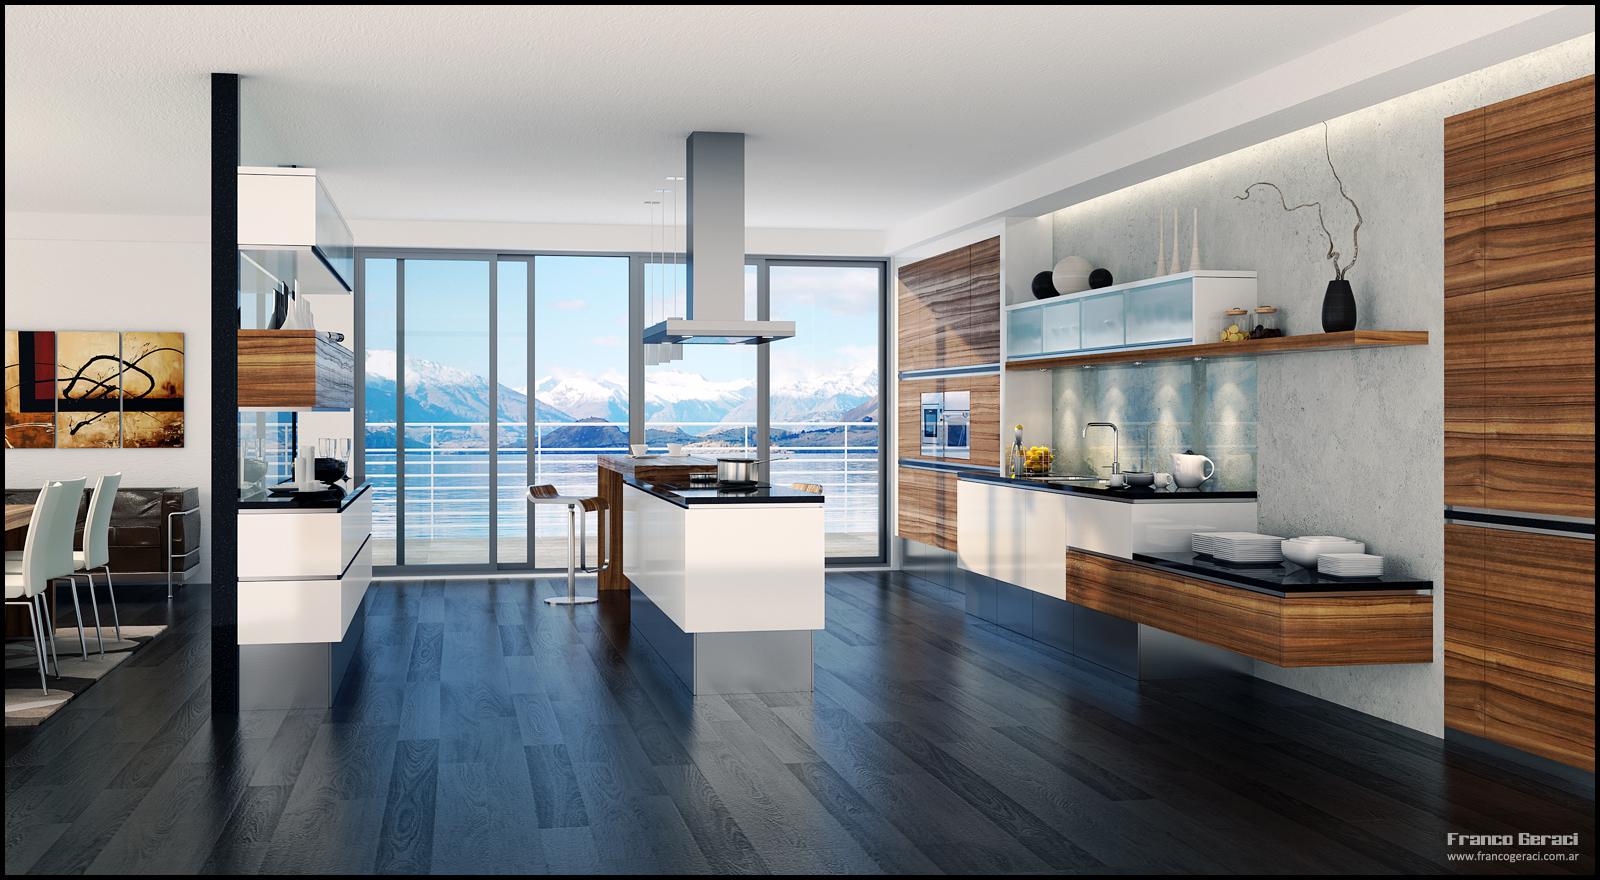 Home Interior Design & Decor: Modern Style Kitchen Designs